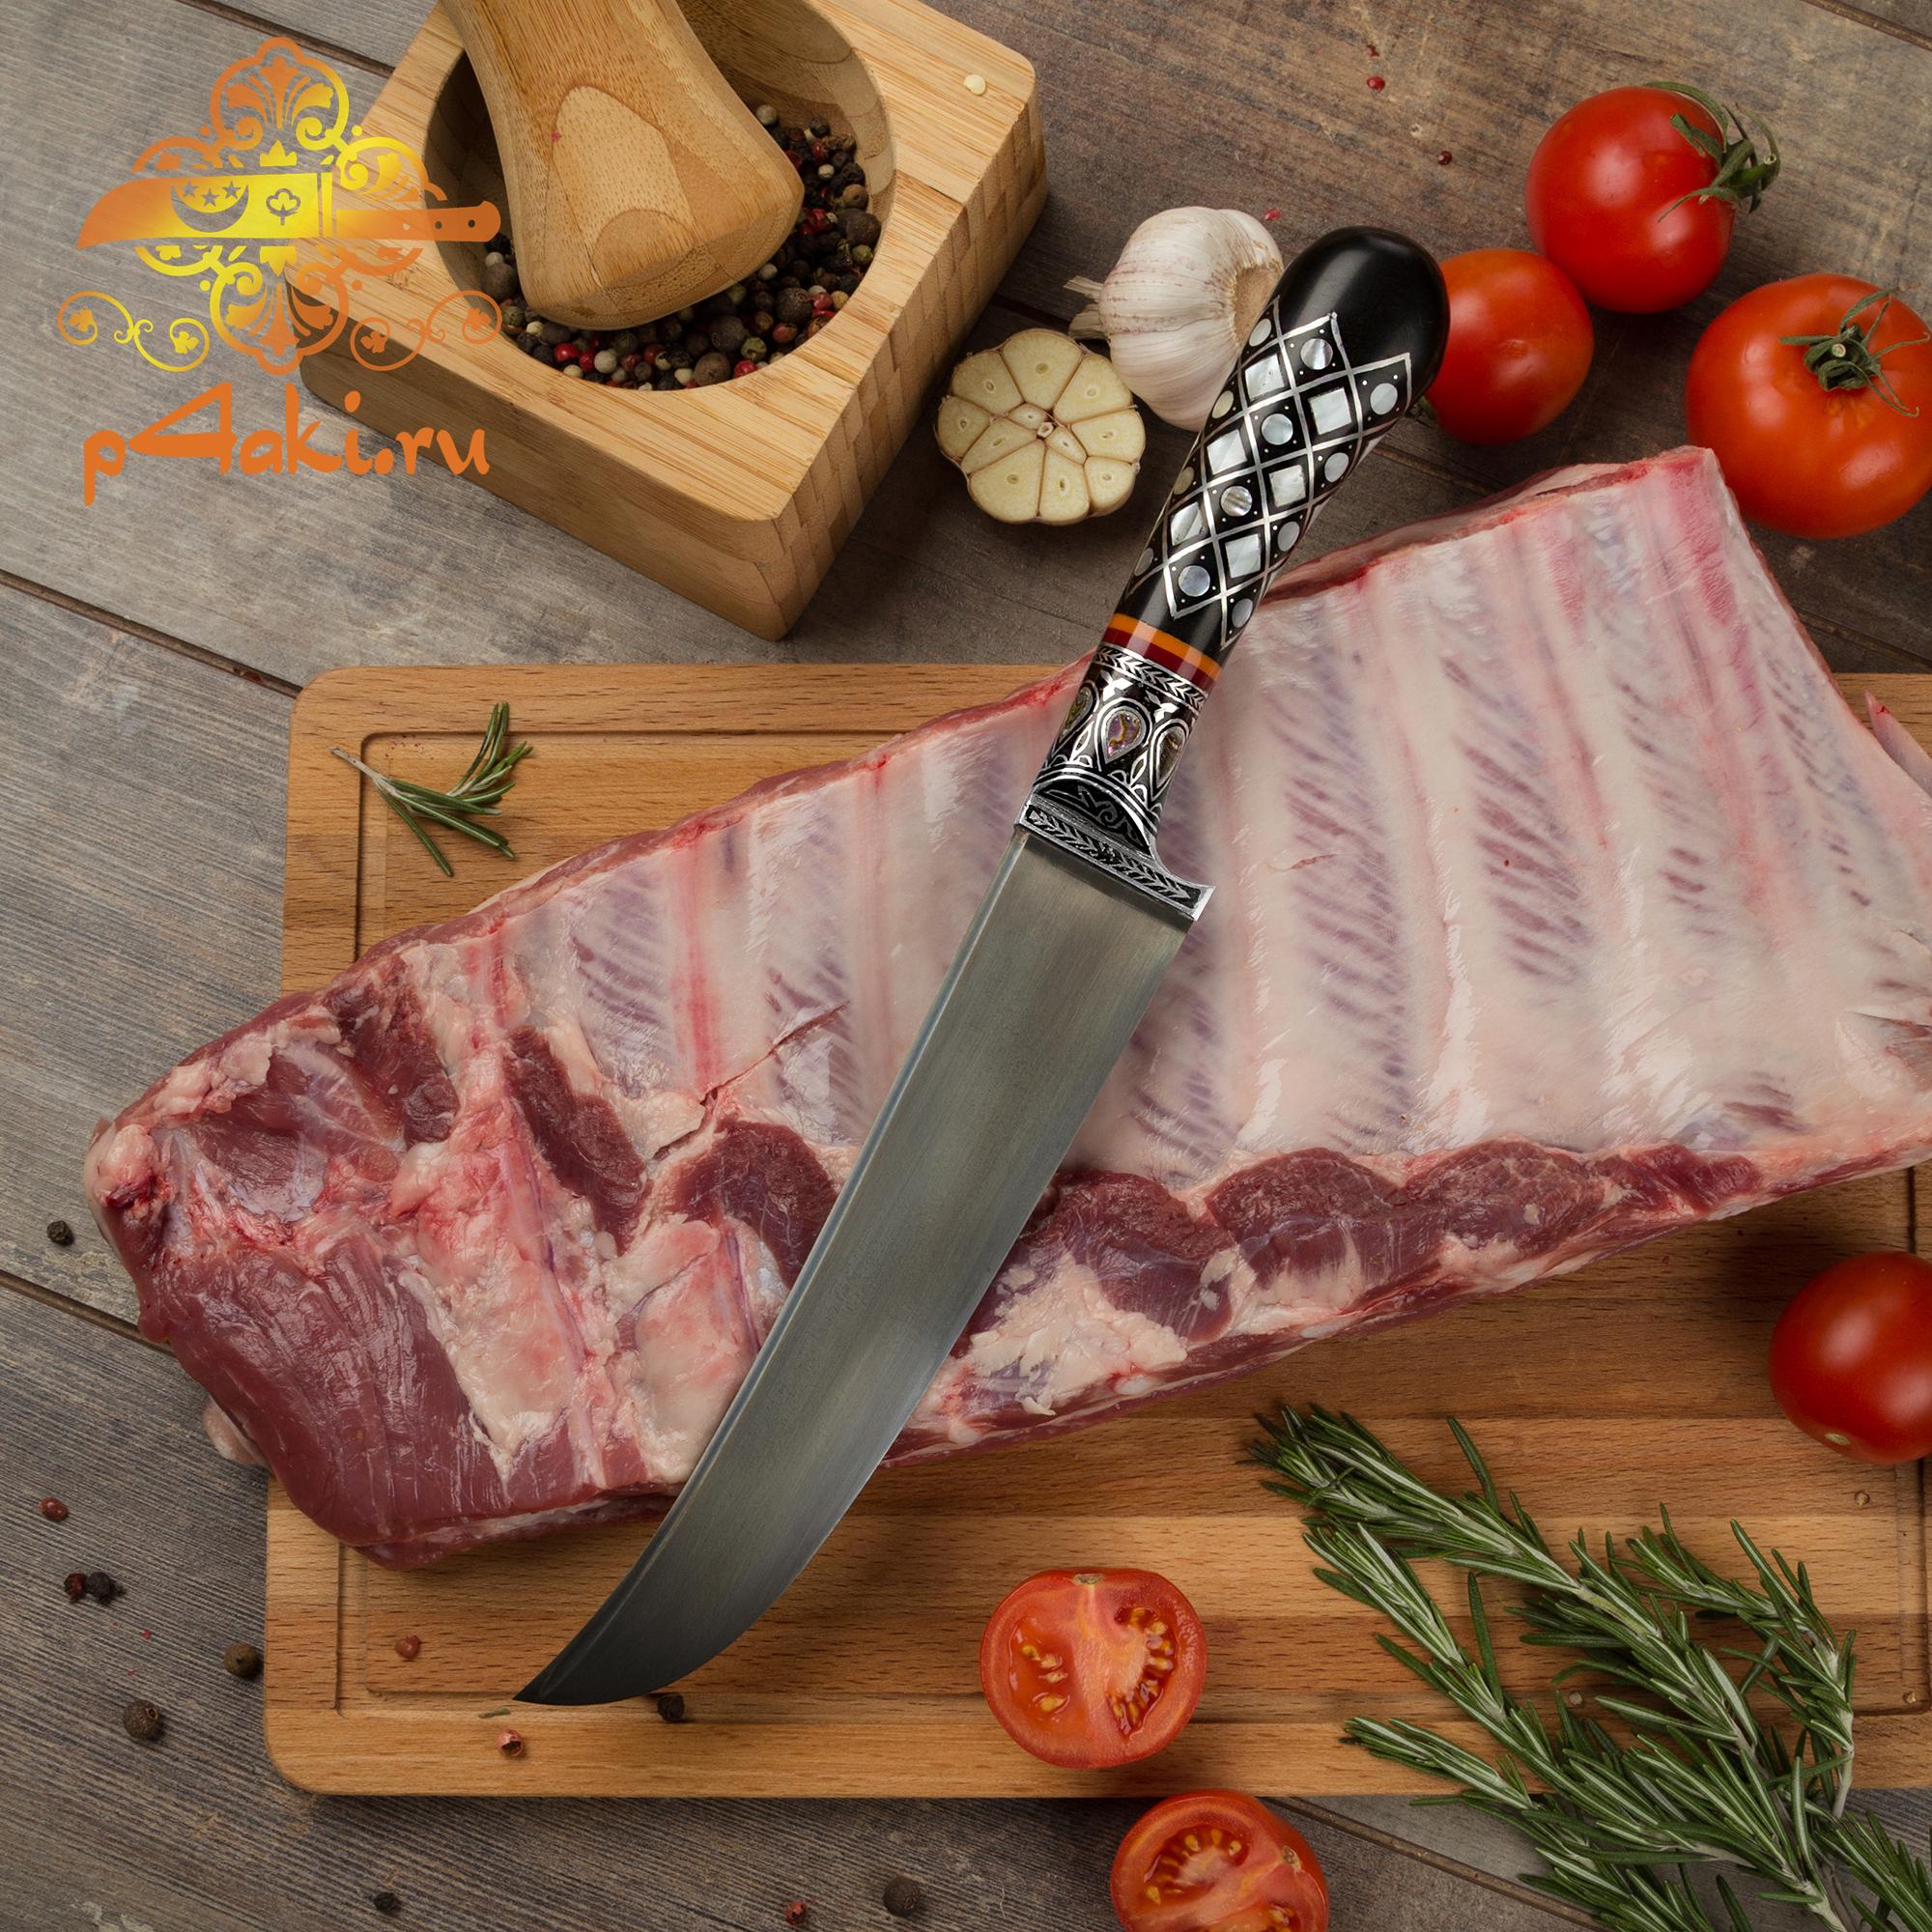 Нож Зумрад томчи, рукоять эбонит (рукоять всадная «сукма доста») со вставками перламутра (садаф) и чермяхи